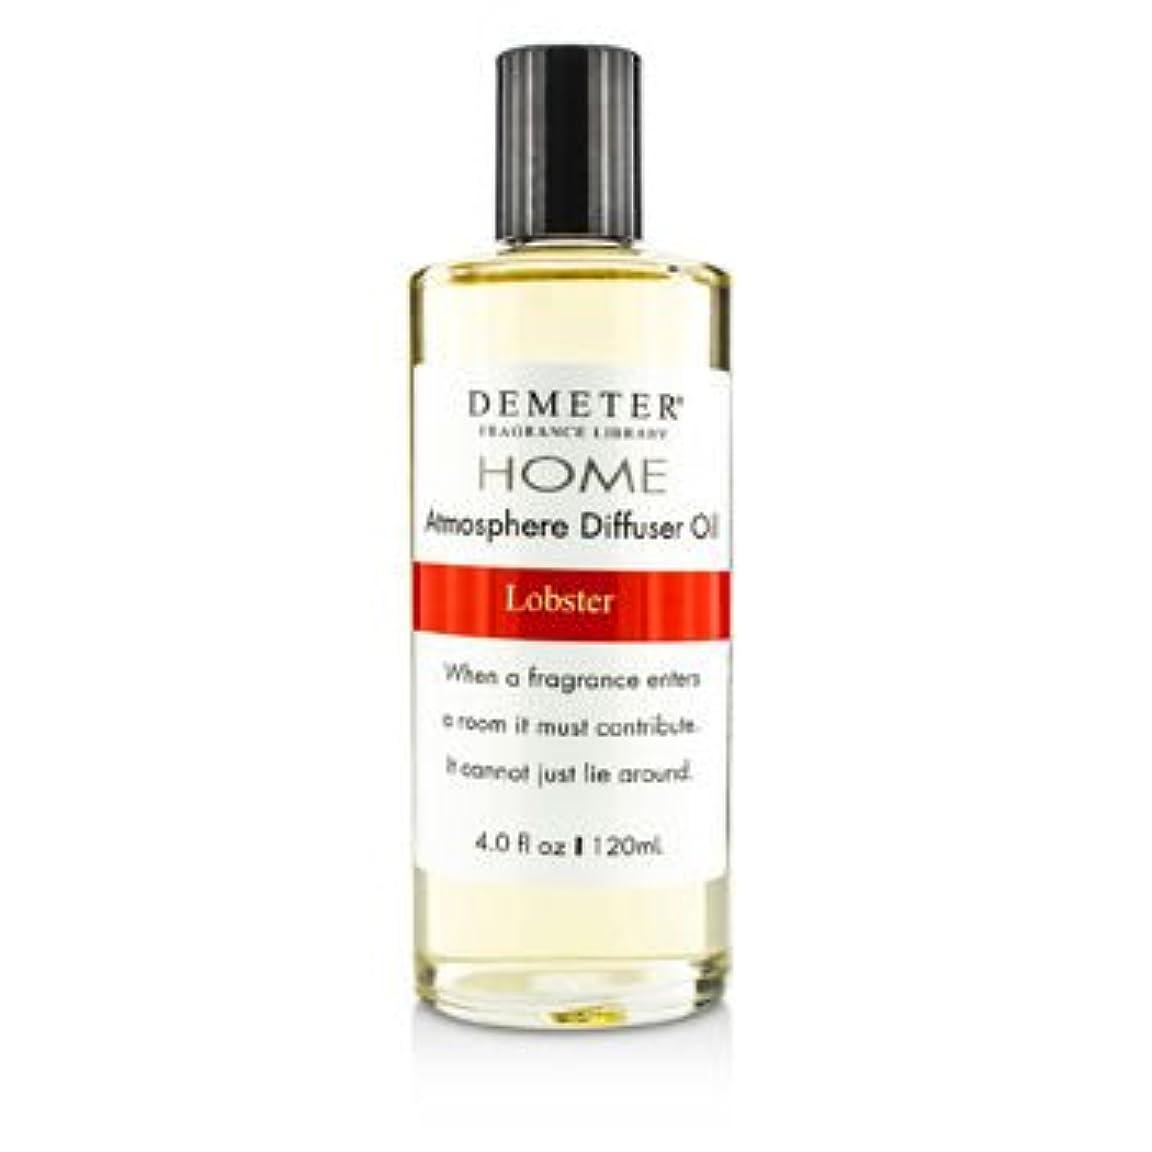 配管ペット見かけ上[Demeter] Atmosphere Diffuser Oil - Lobster 120ml/4oz